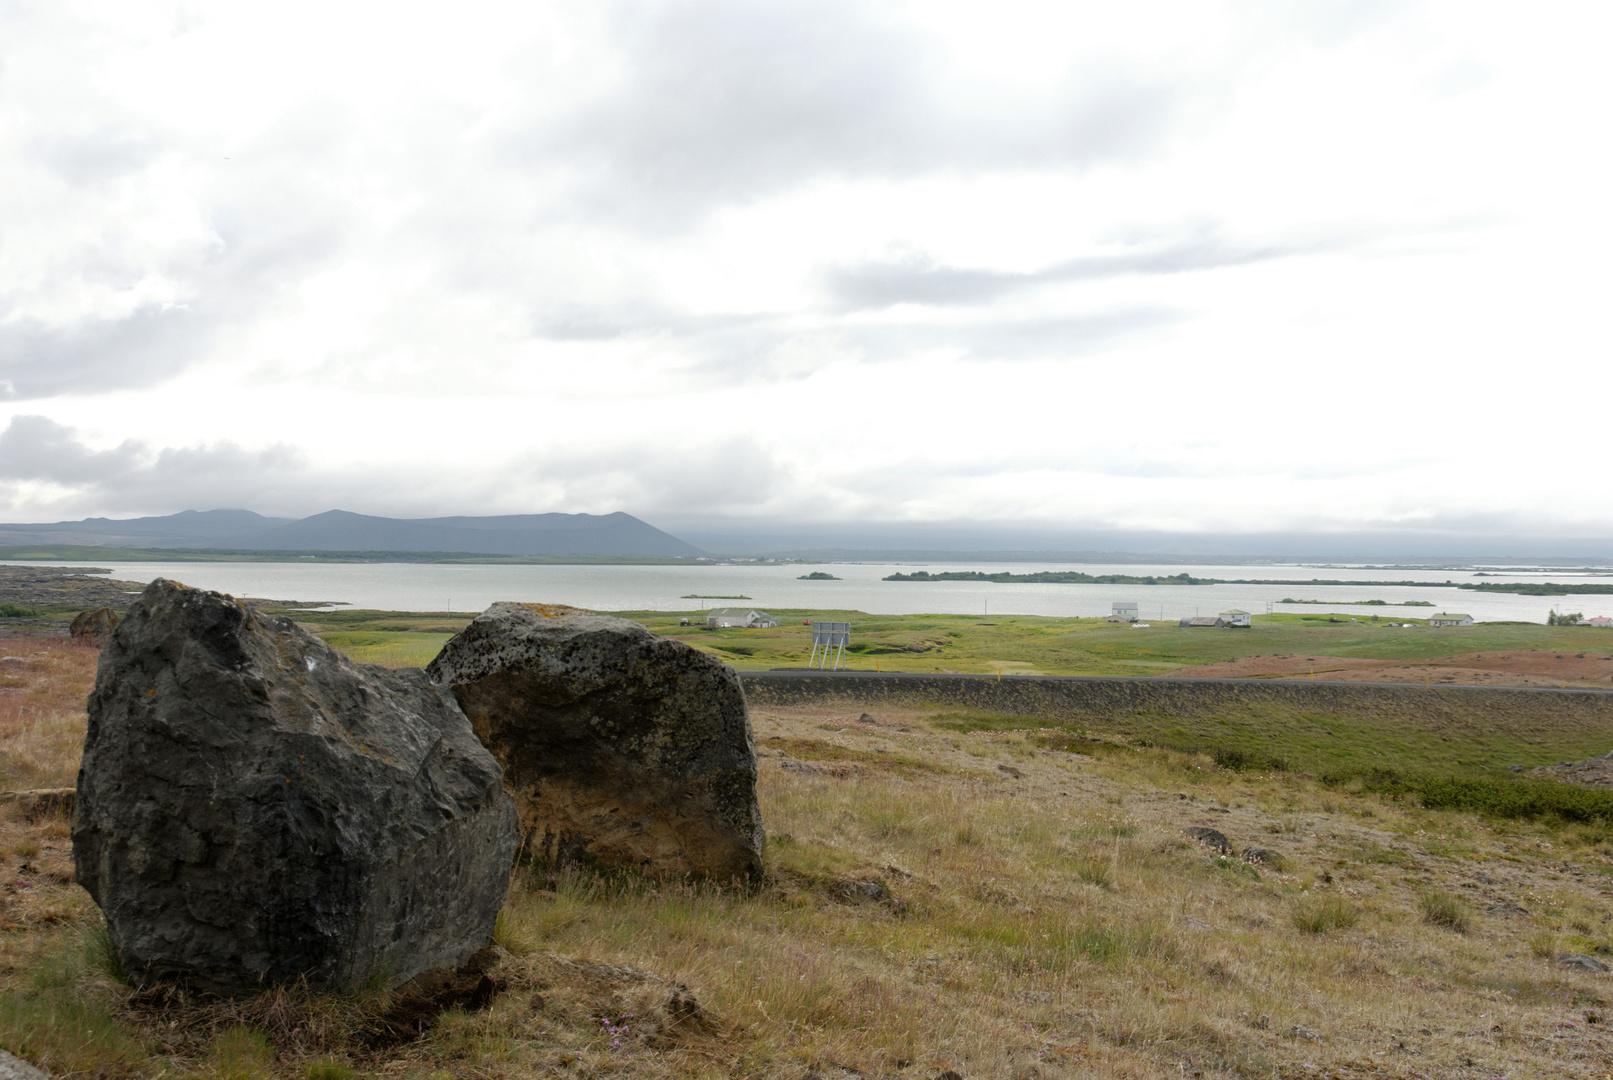 Mývatn (Mückensee)